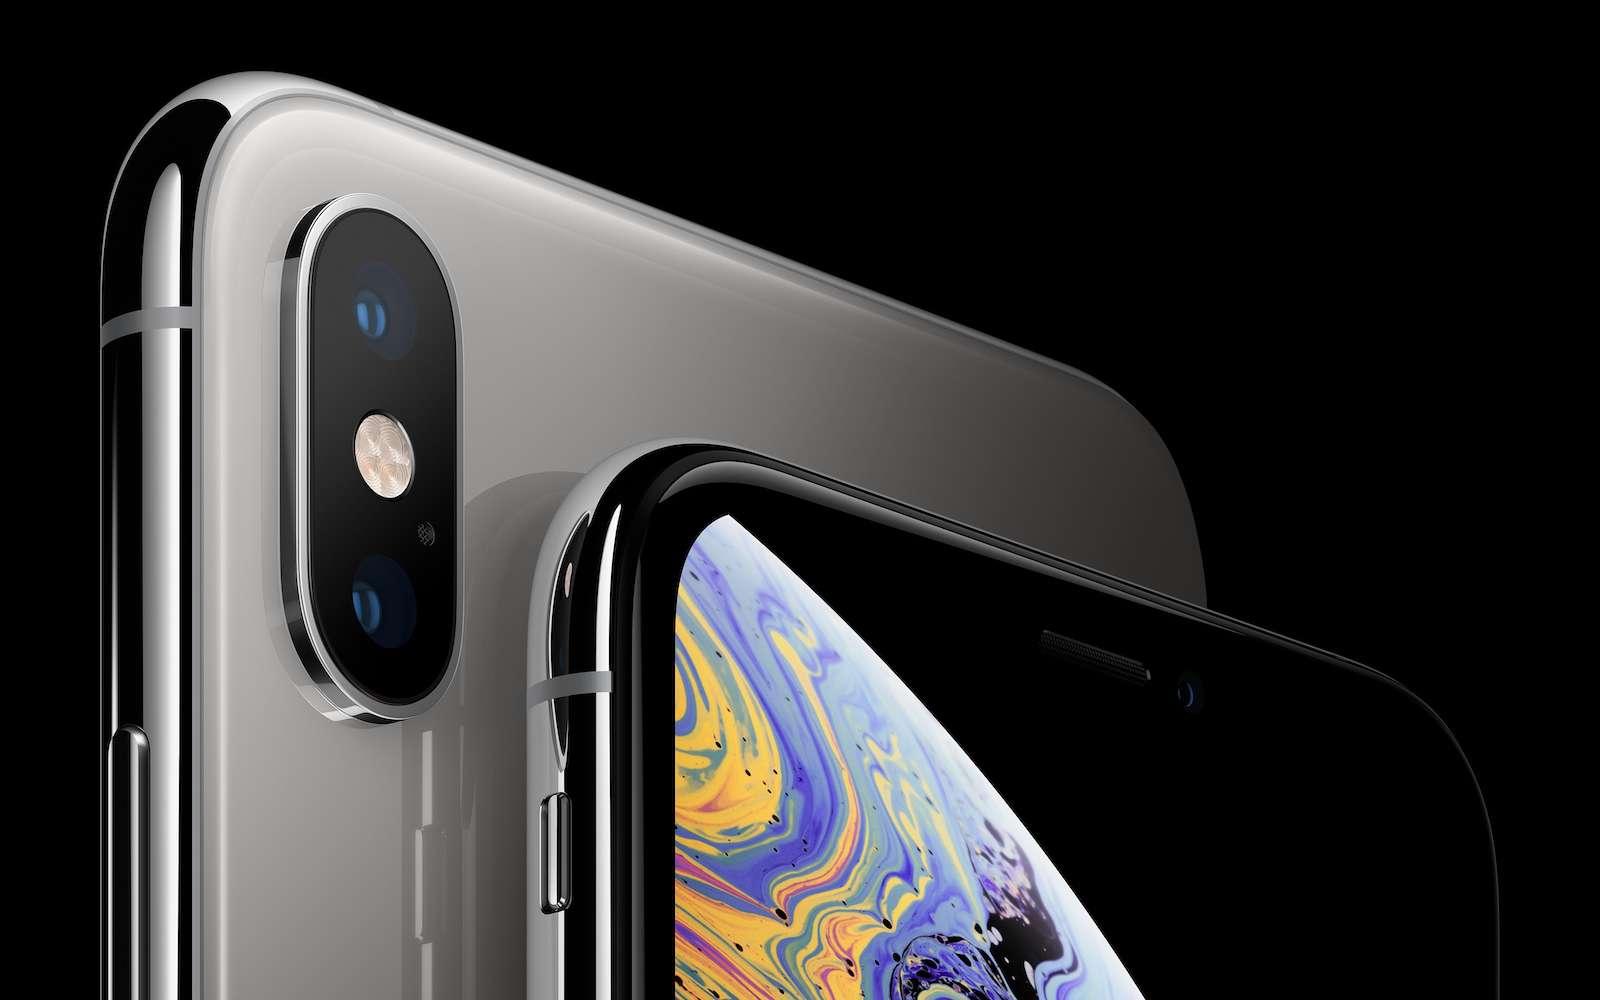 Apple pensait avoir trouvé la parade pour le vol d'iPhone avec le blocage par iCloud mais des pirates parviennent encore à détourner cette protection. © Apple